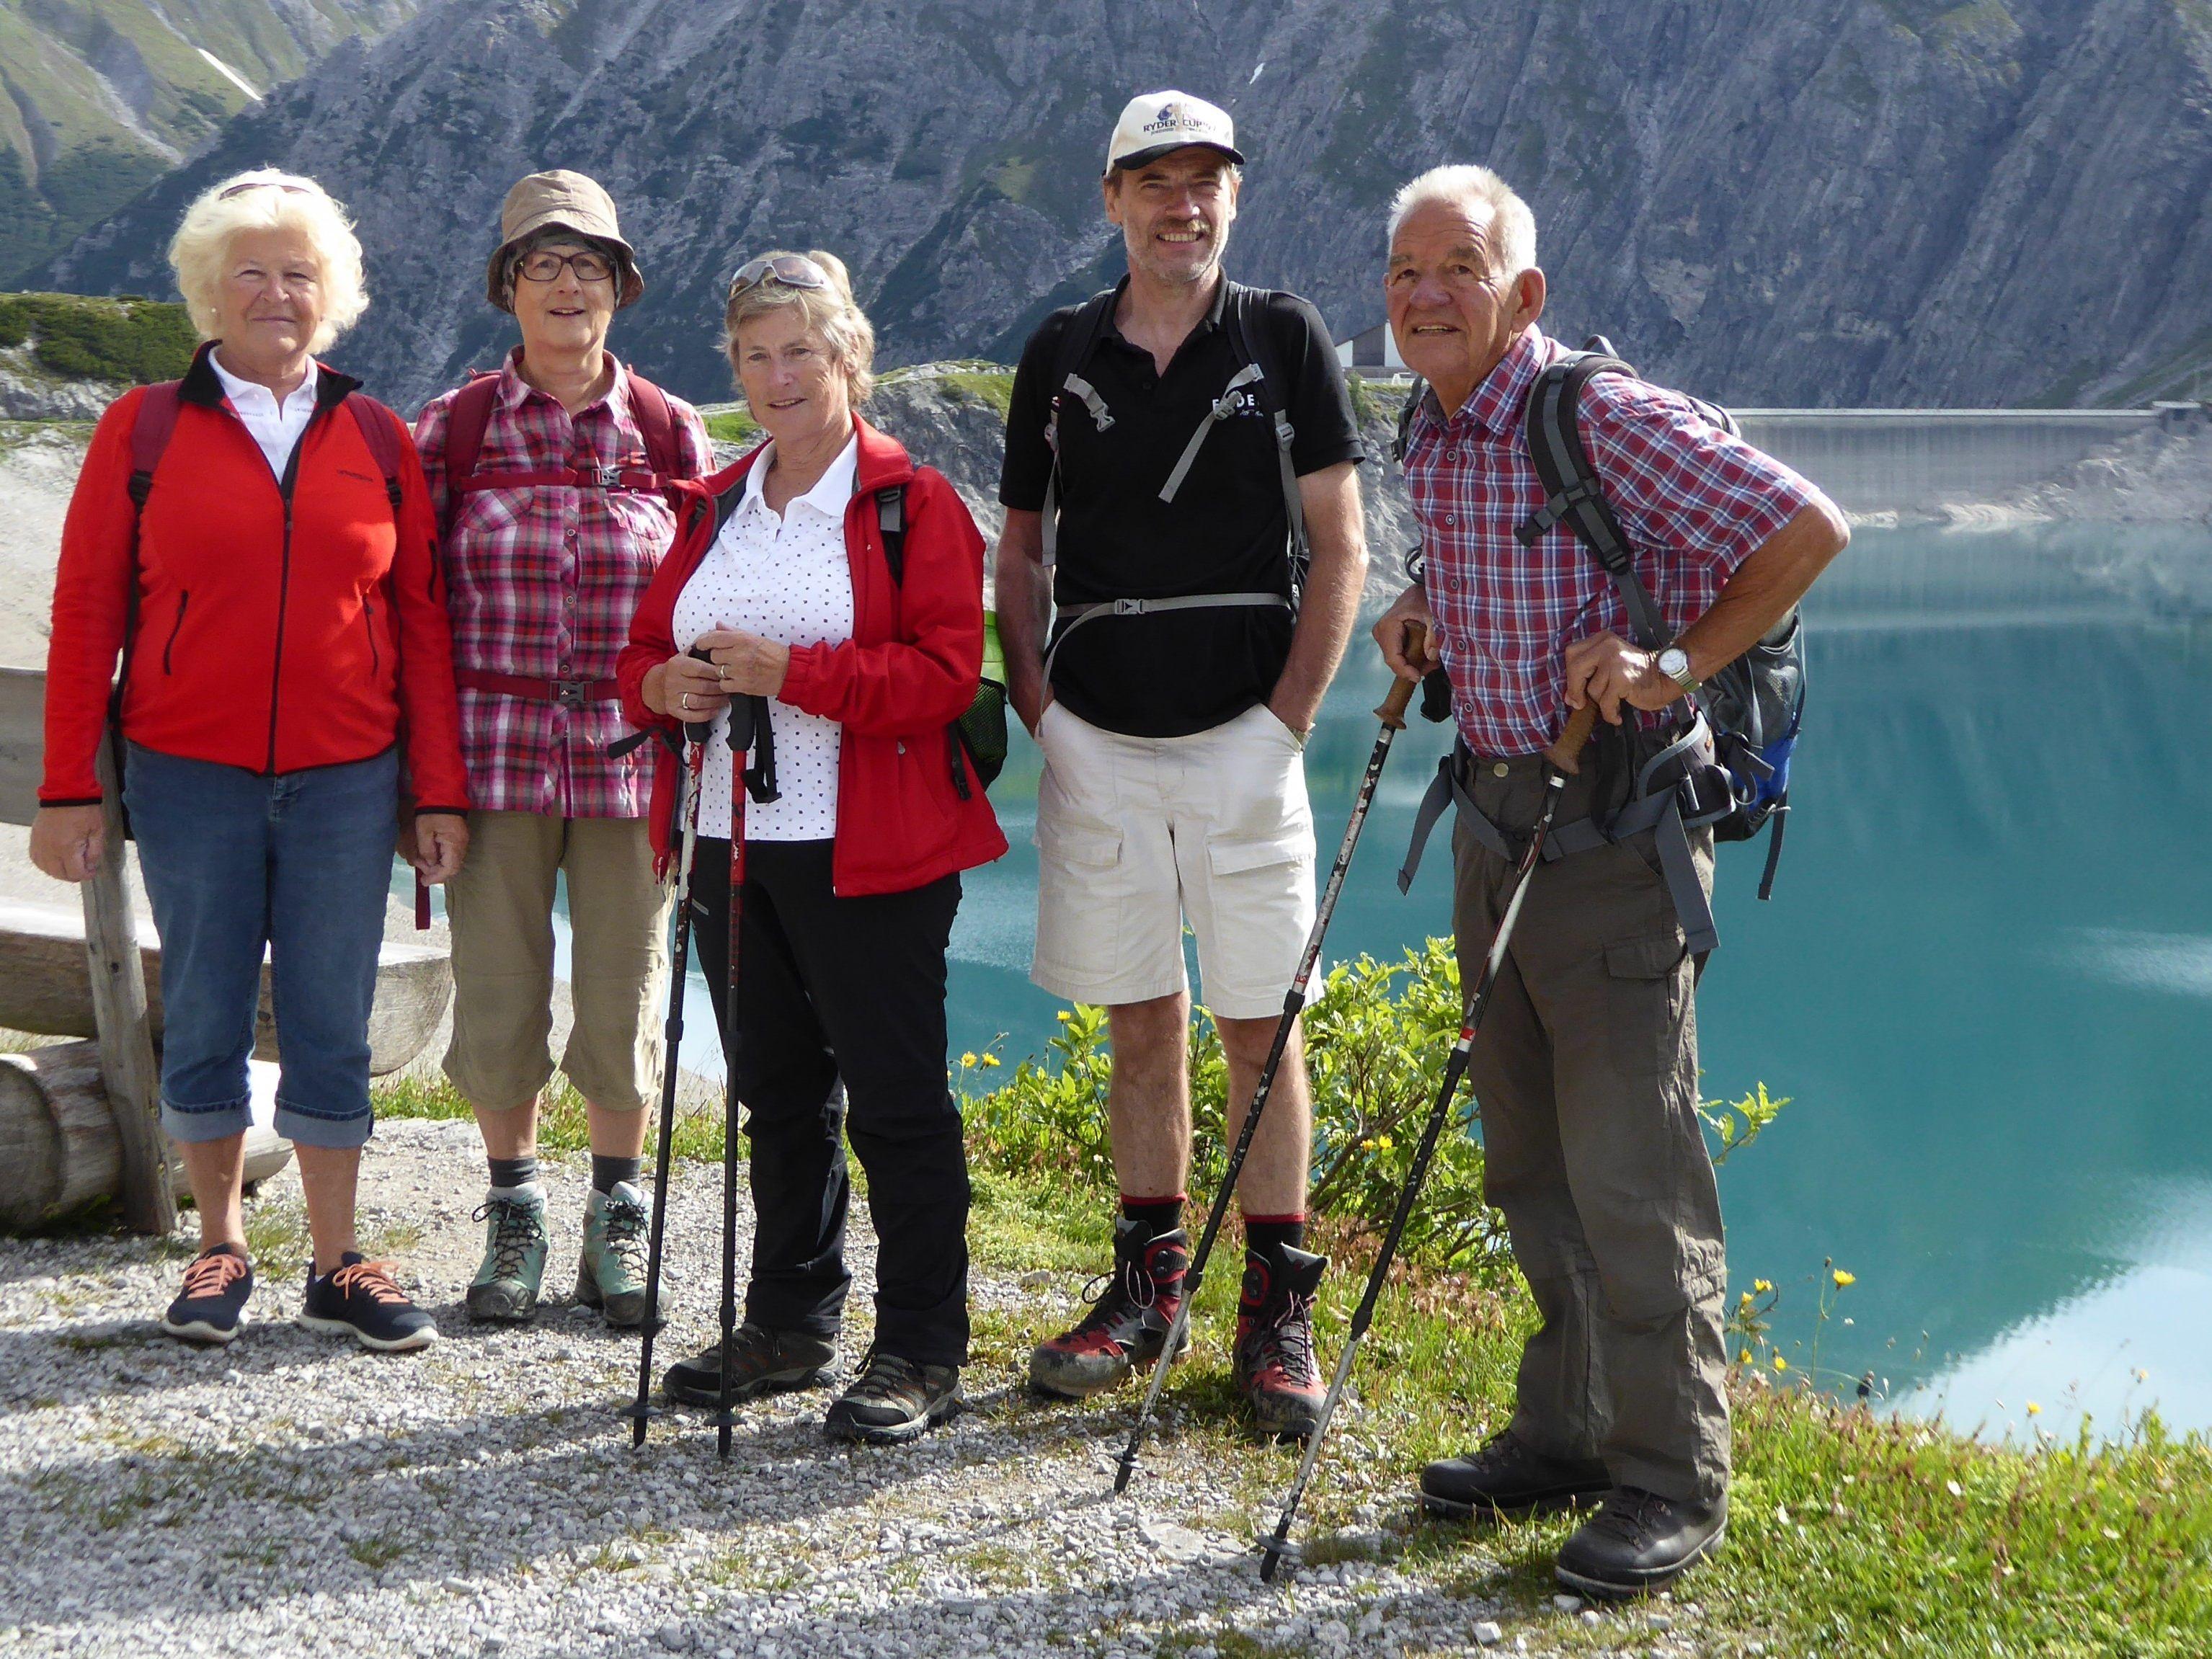 Partnersuche kostenlos austria